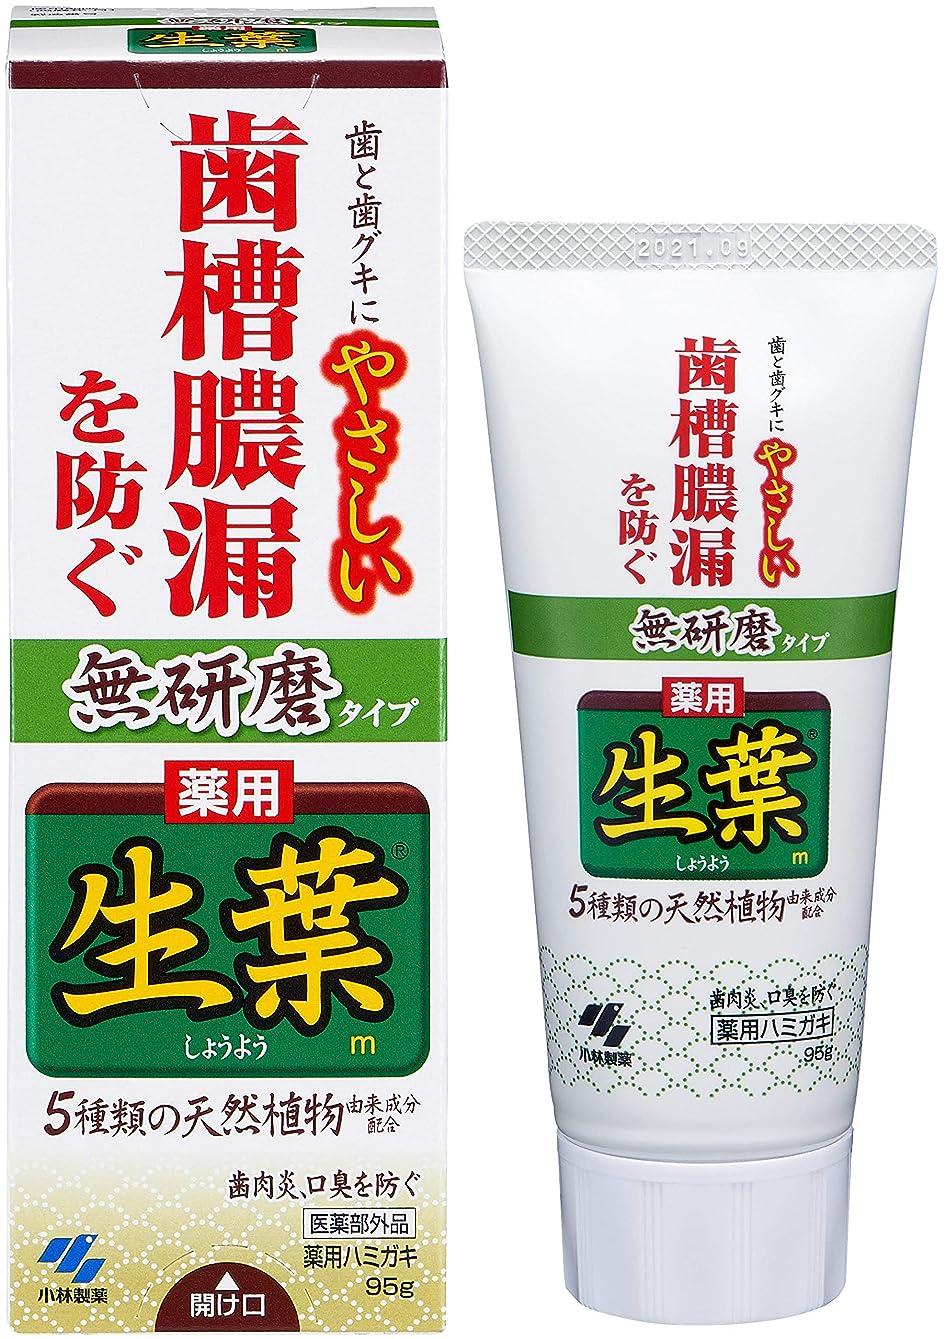 聞きます低いトレイ生葉(しょうよう) 無研磨タイプ 歯槽膿漏を防ぐ 薬用ハミガキ ハーブミント味 95g 【医薬部外品】